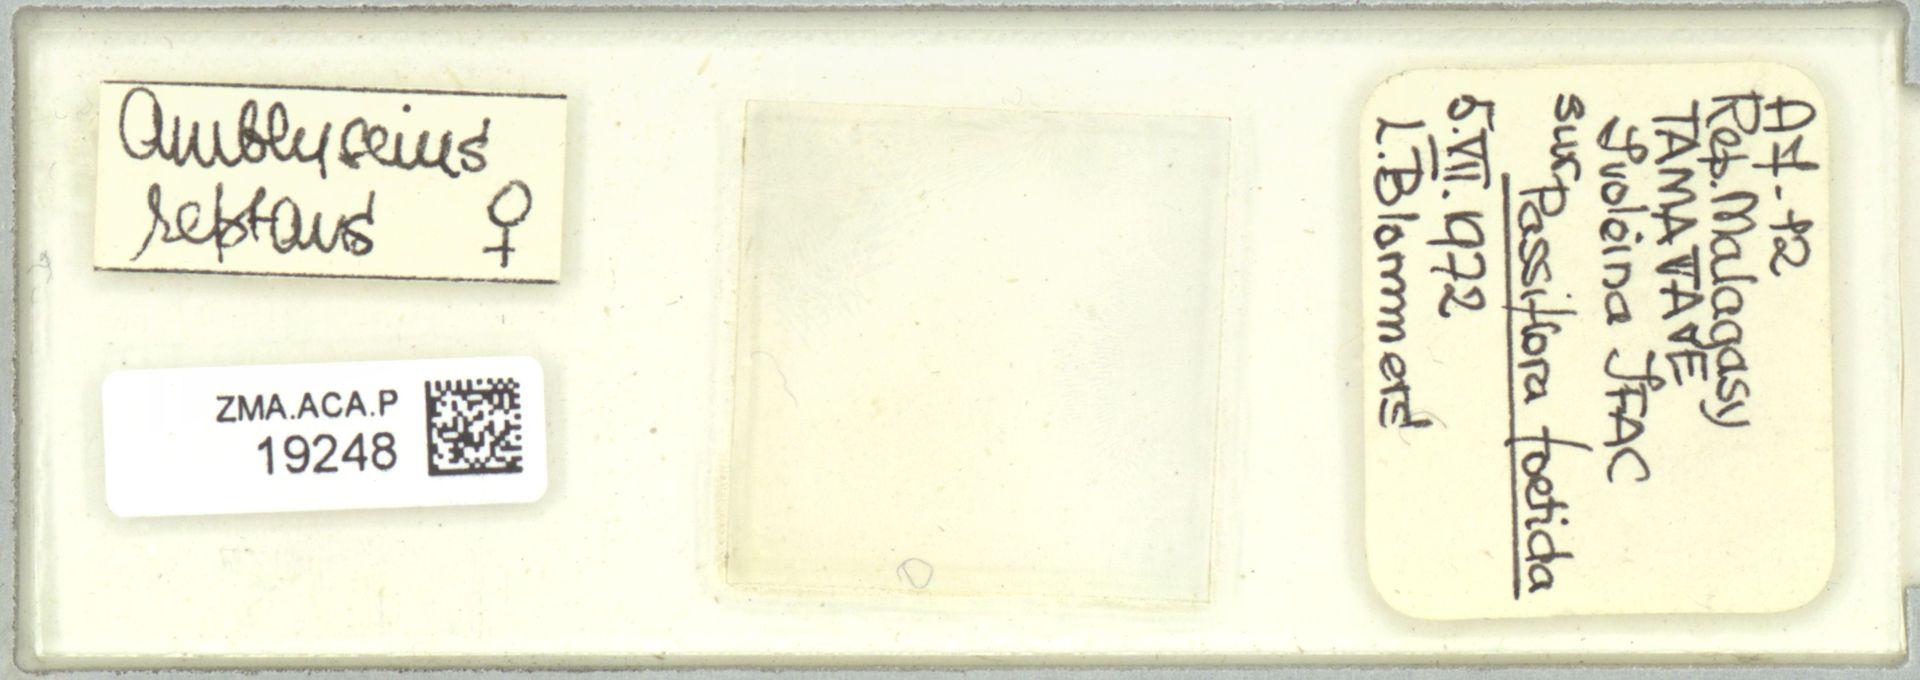 ZMA.ACA.P.19248   Scapulaseius reptans (Blommers, 1974)